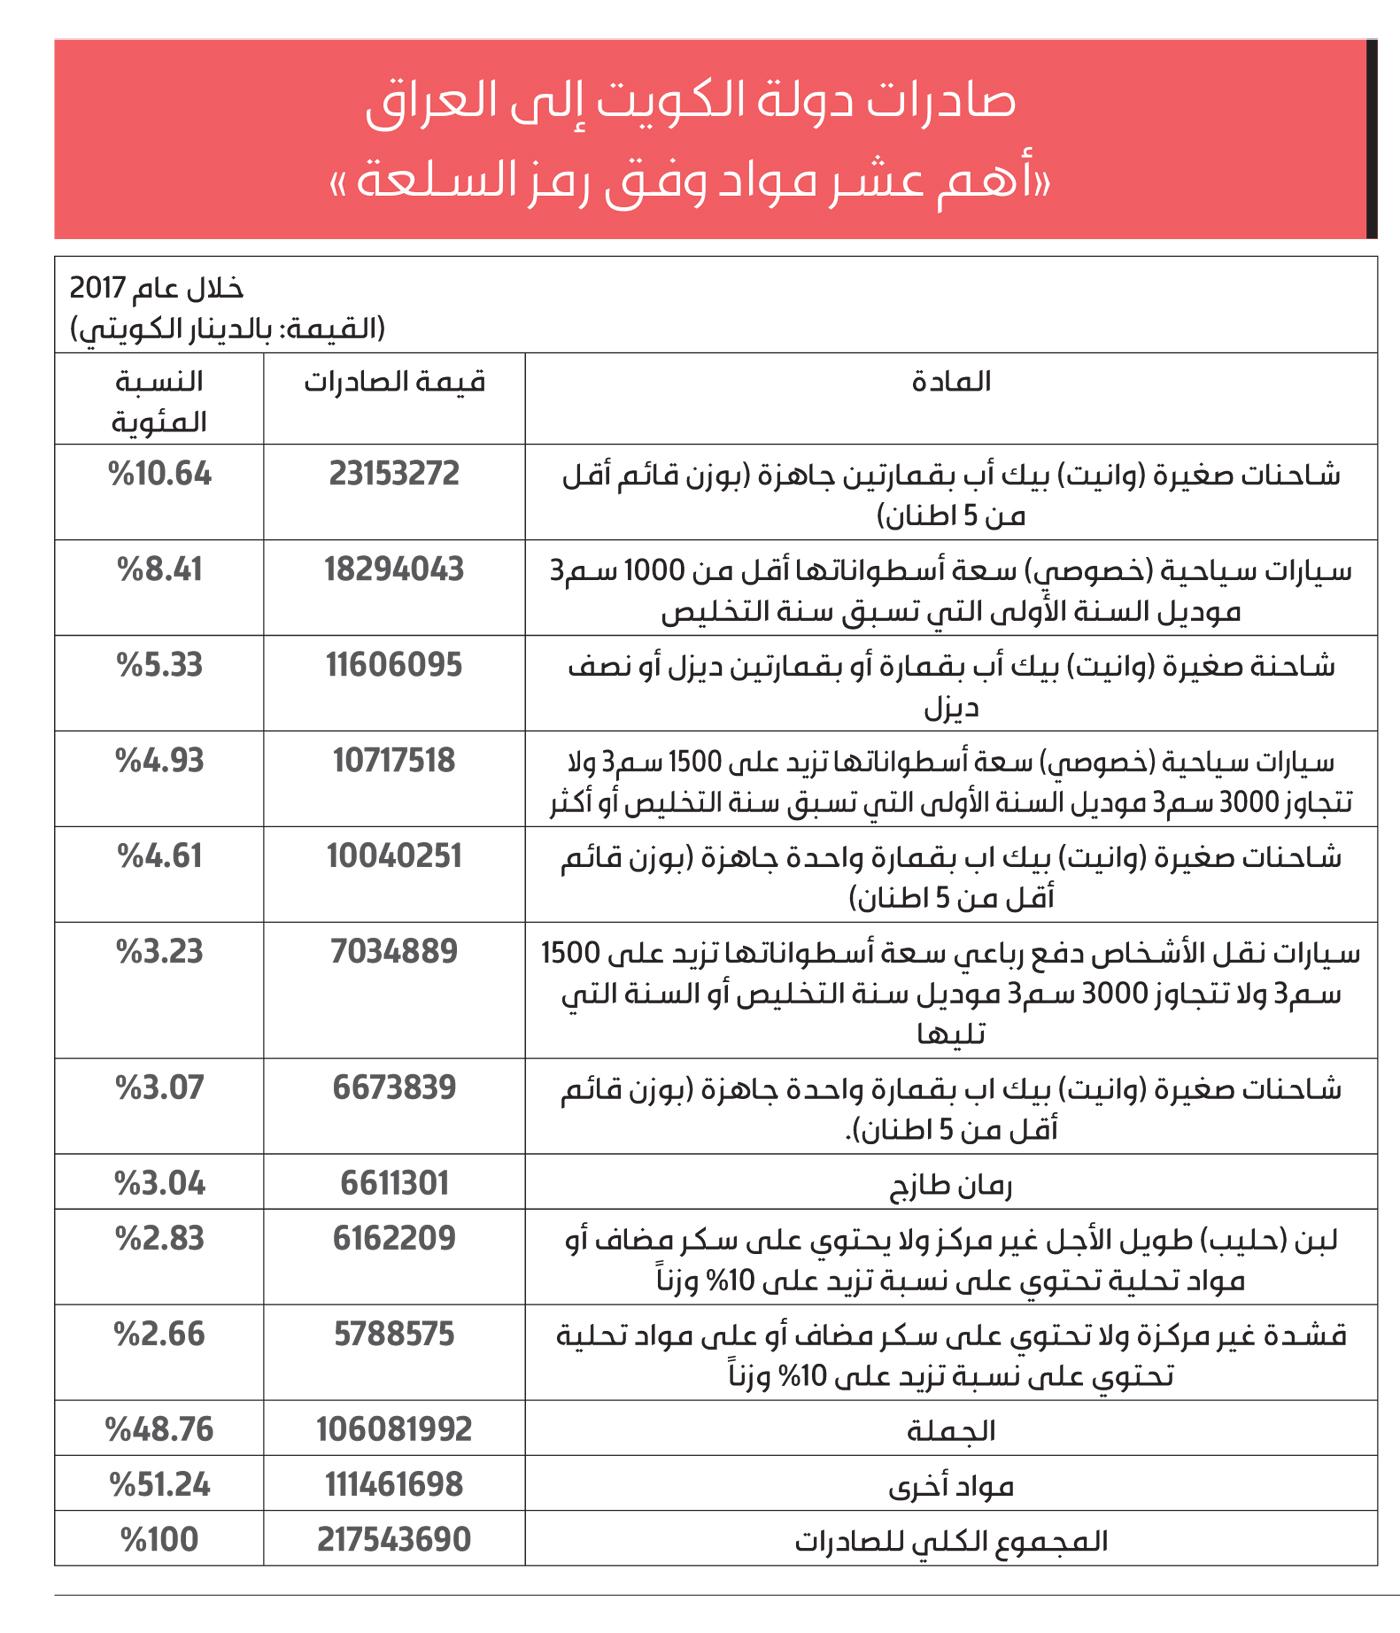 تجارة الكويت مع العراق ليست على ما يرام